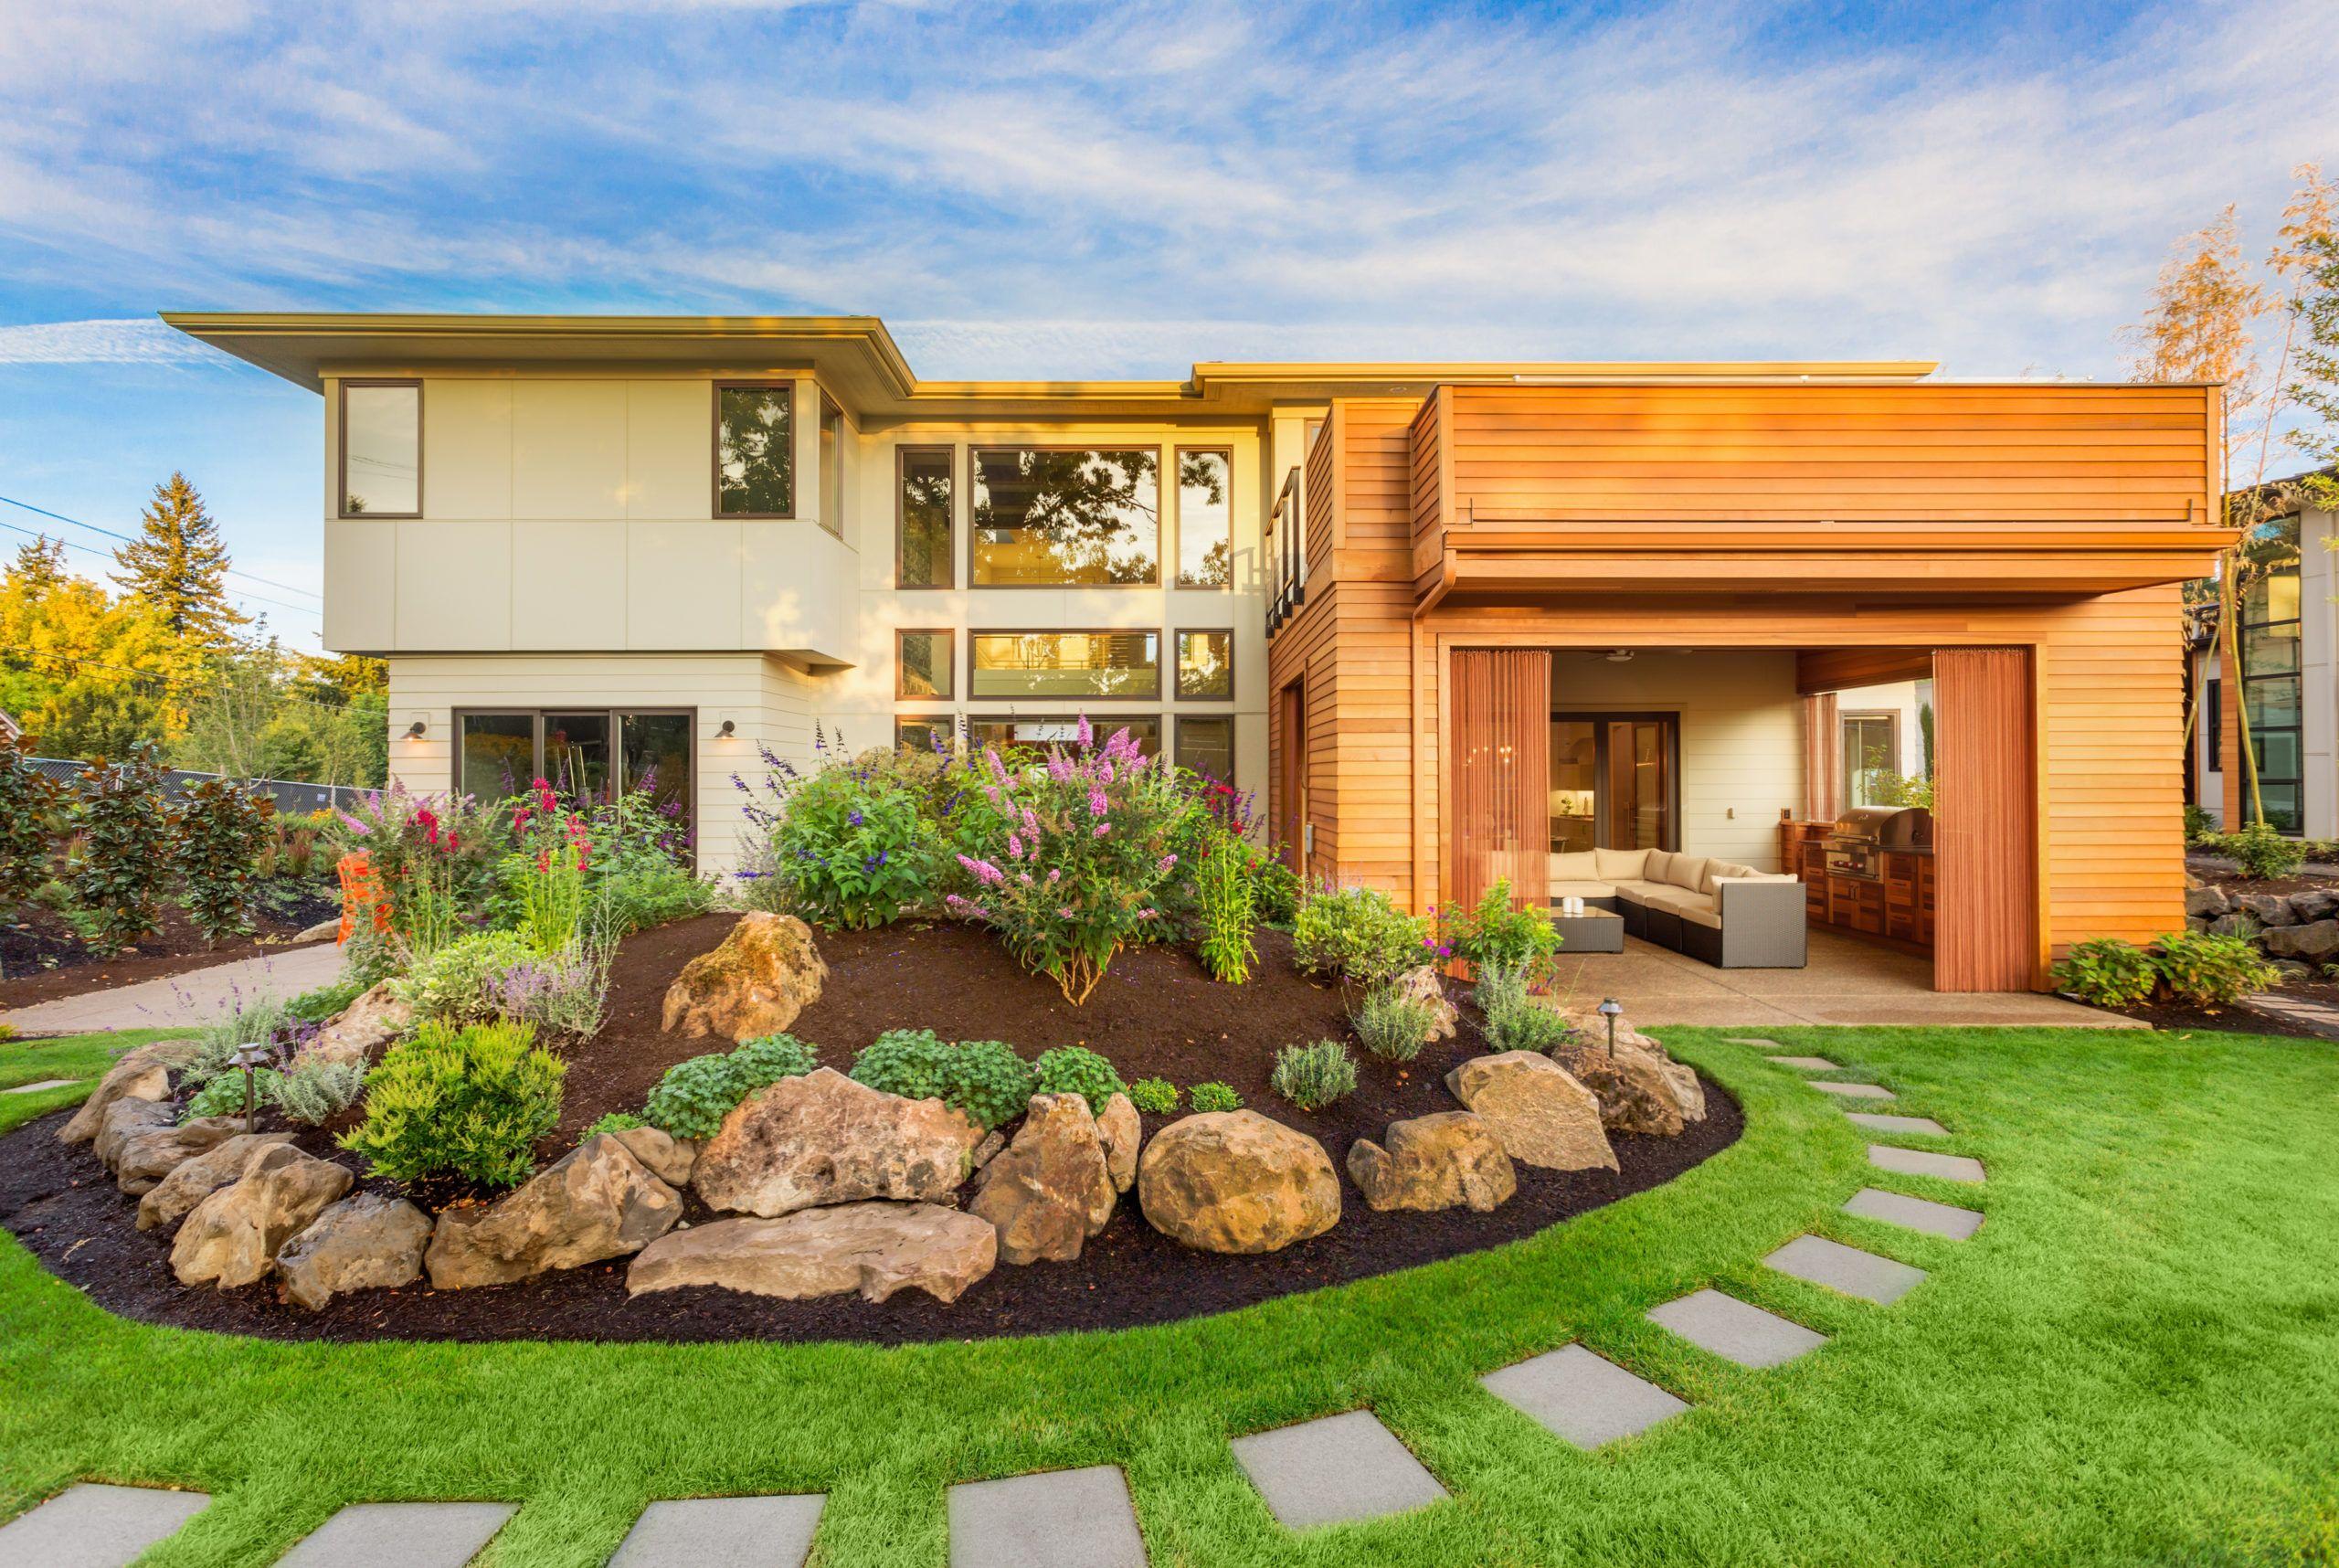 a0577a24a69875e741289568592c2ecc - Better Homes & Gardens Real Estate Iii